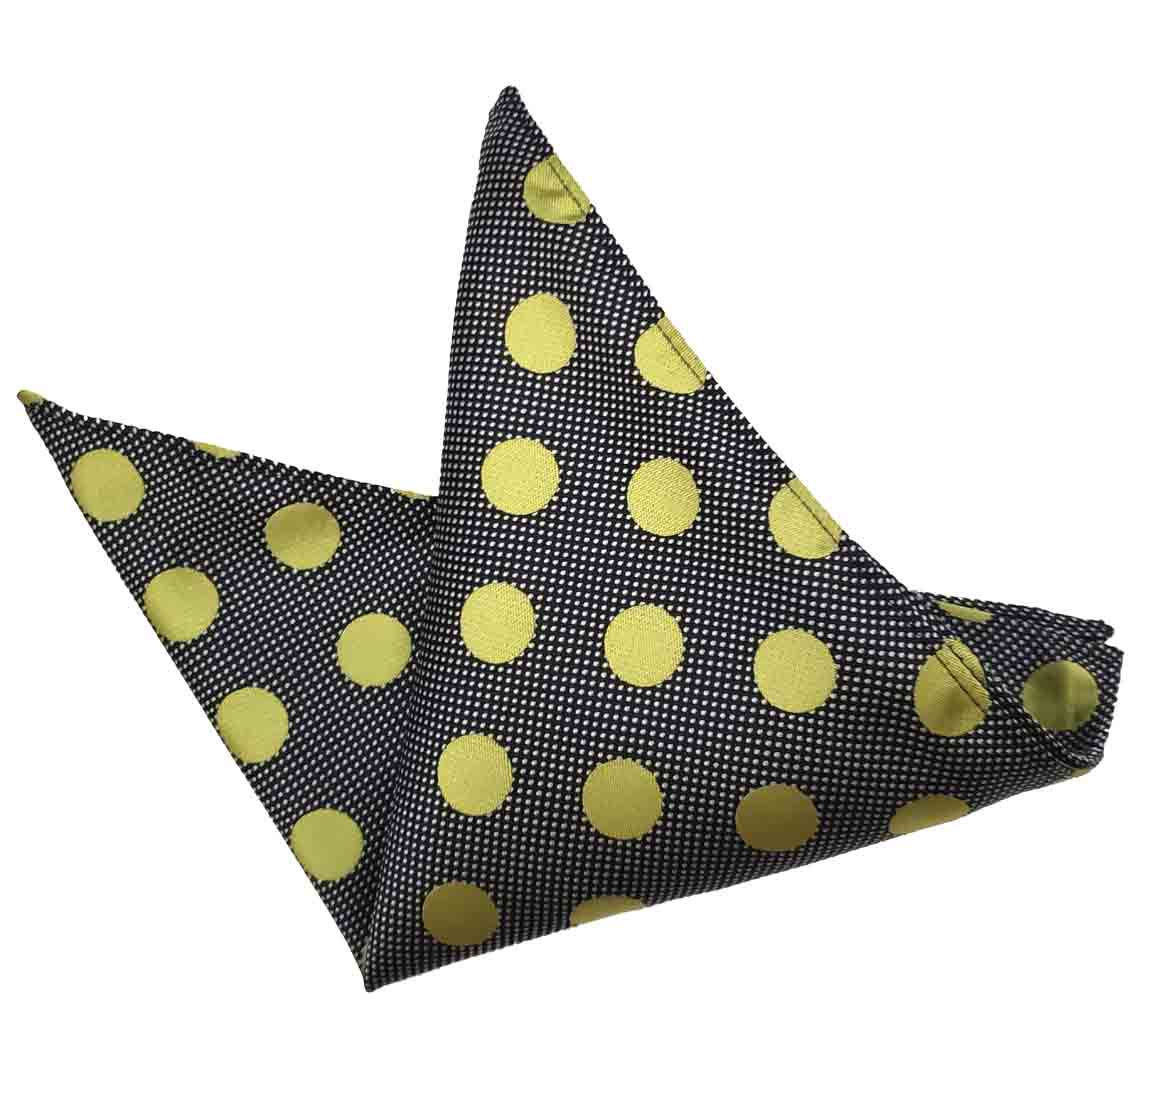 ekSel Pocket Square Gray Gold Polka Dot Men's